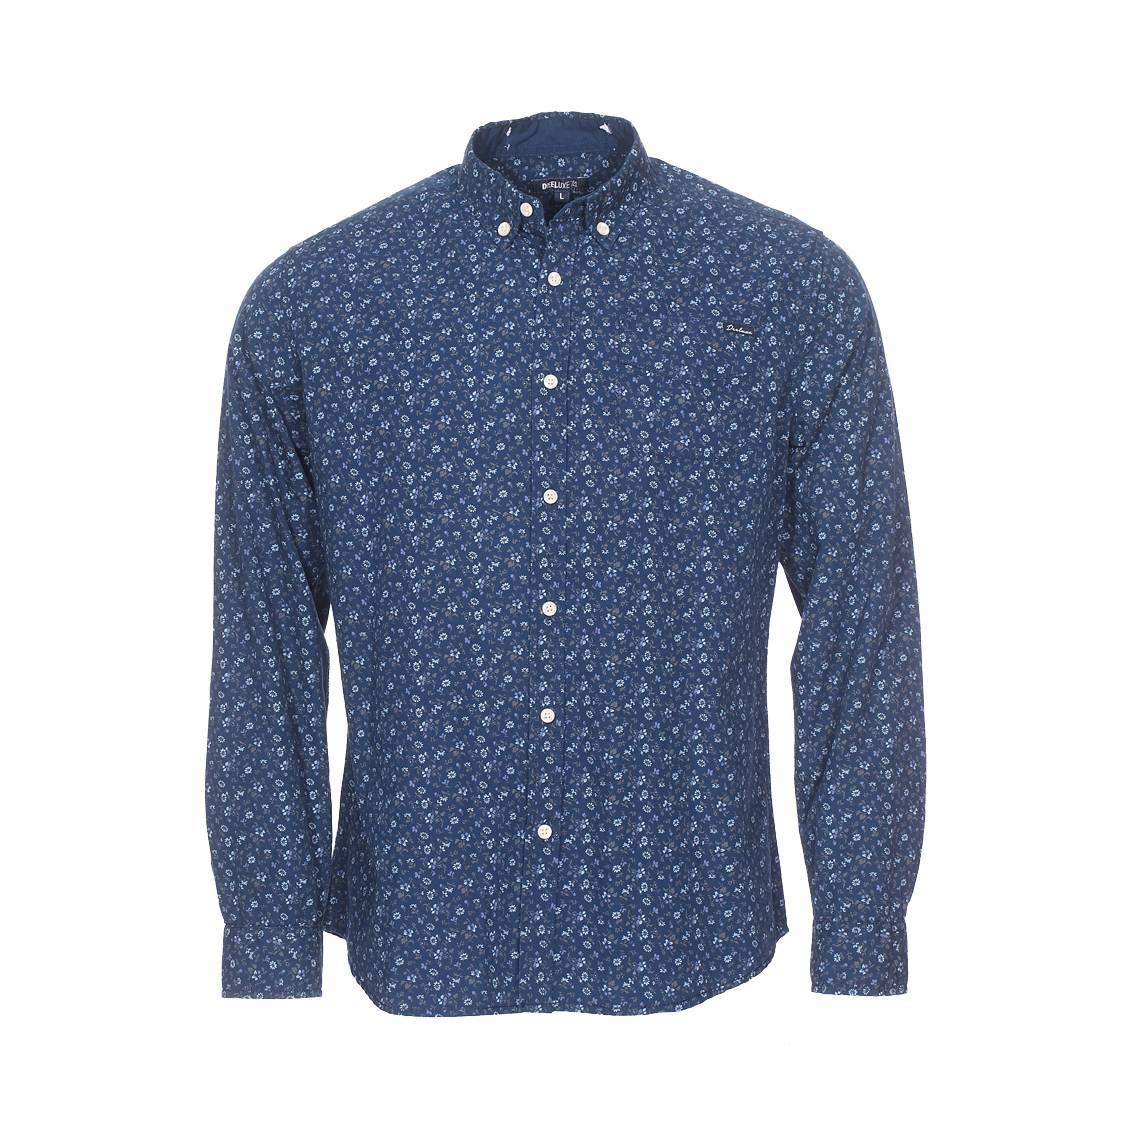 Chemise cintrée  poloma en coton bleu marine à motif floral imprimé